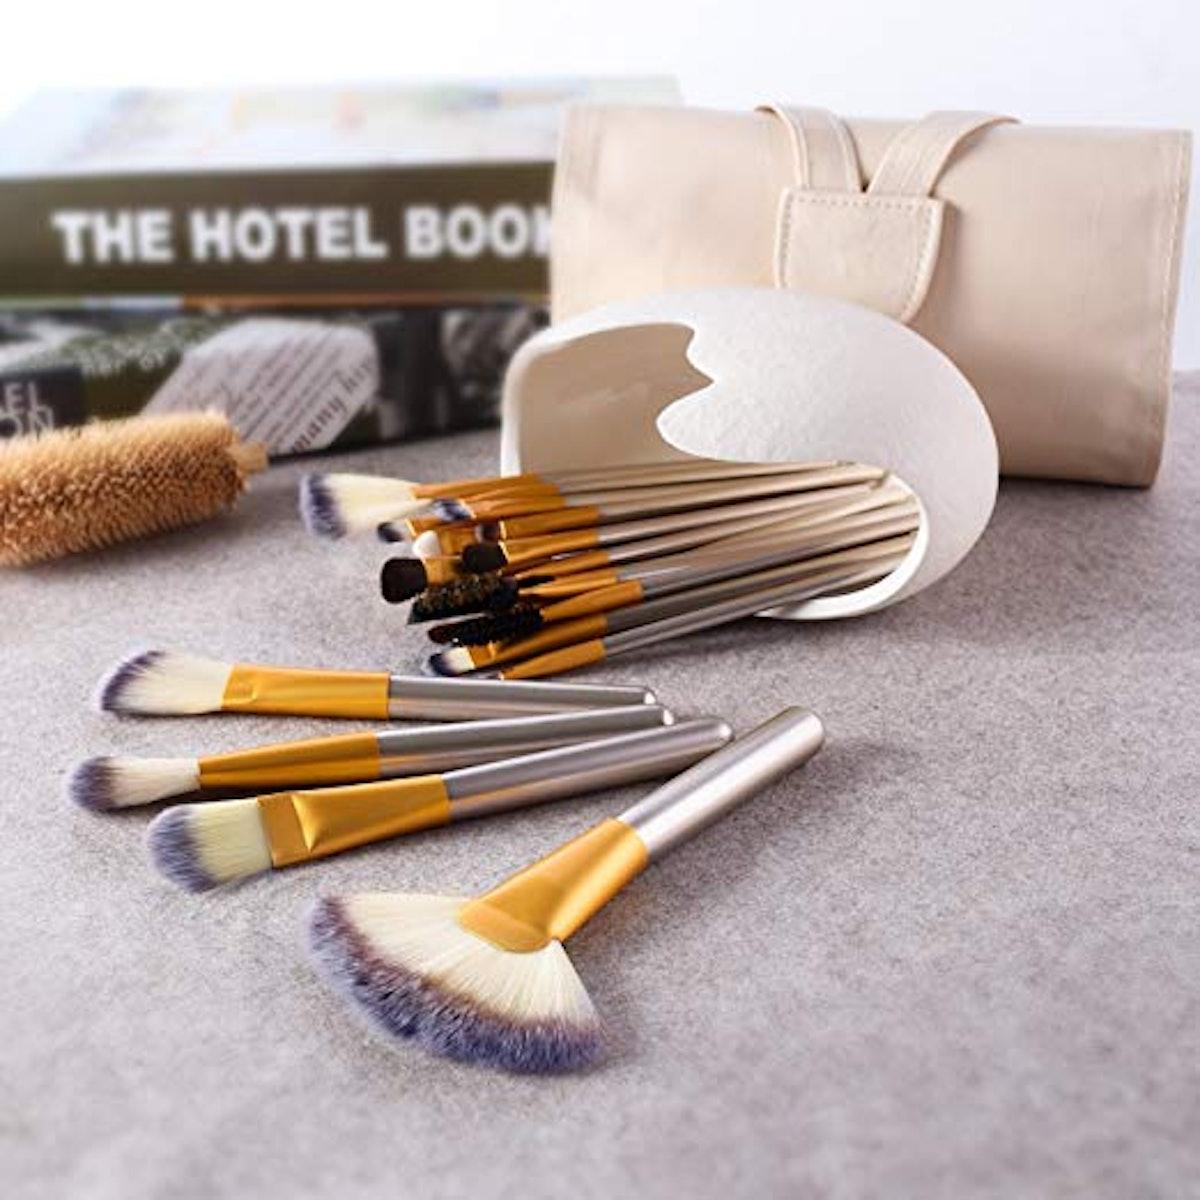 VANDER LIFE Make up Brushes